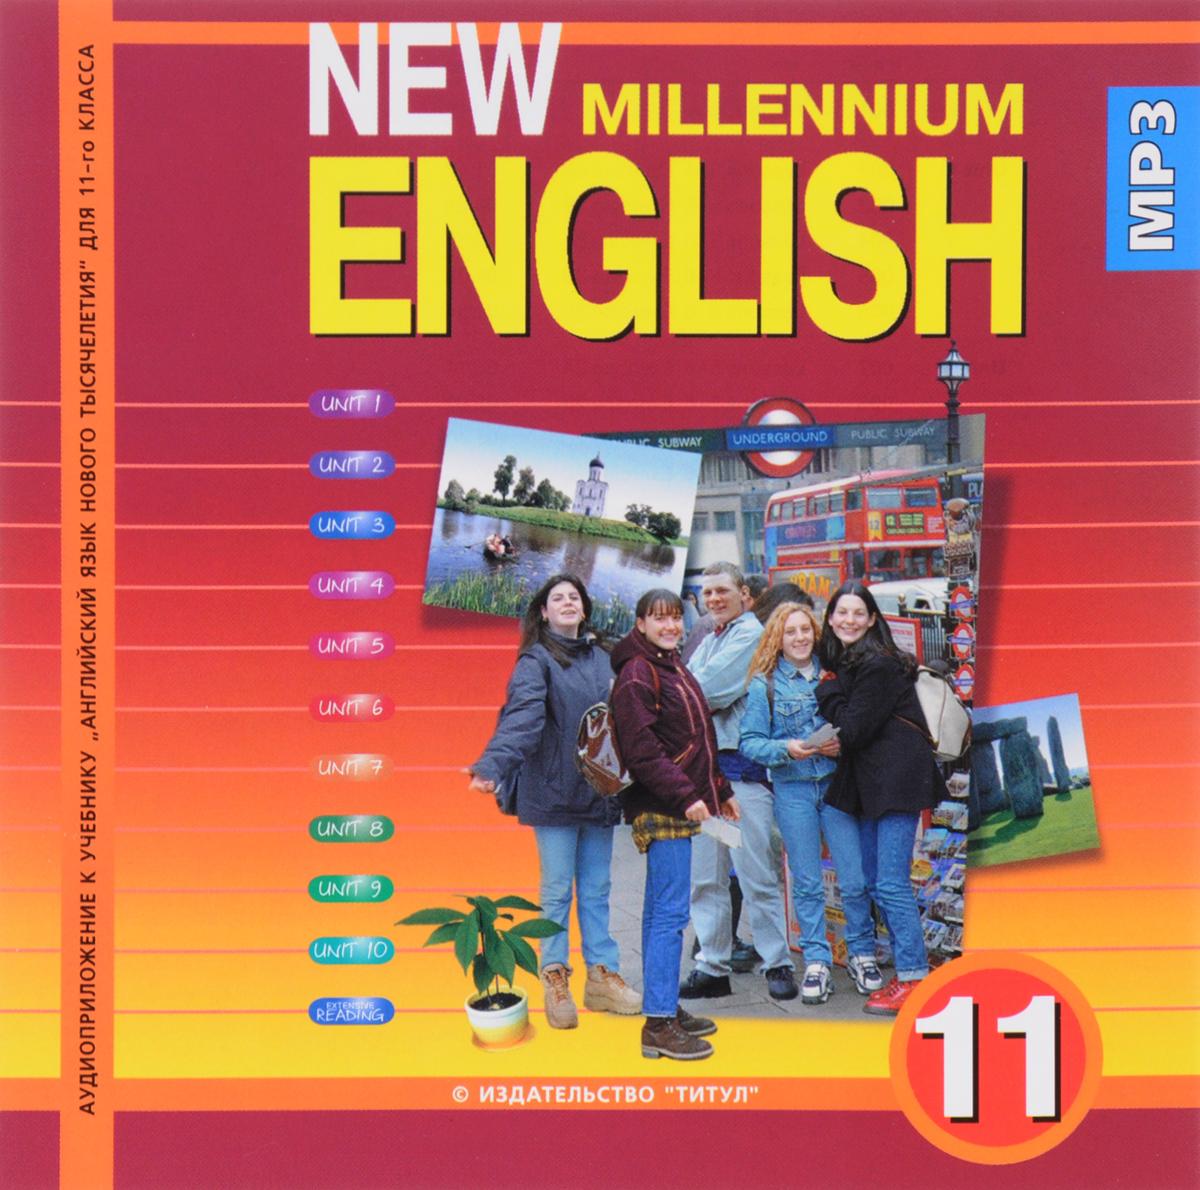 New Millennium English 11 / Английский язык. 11 класс (аудиокурс MP3)